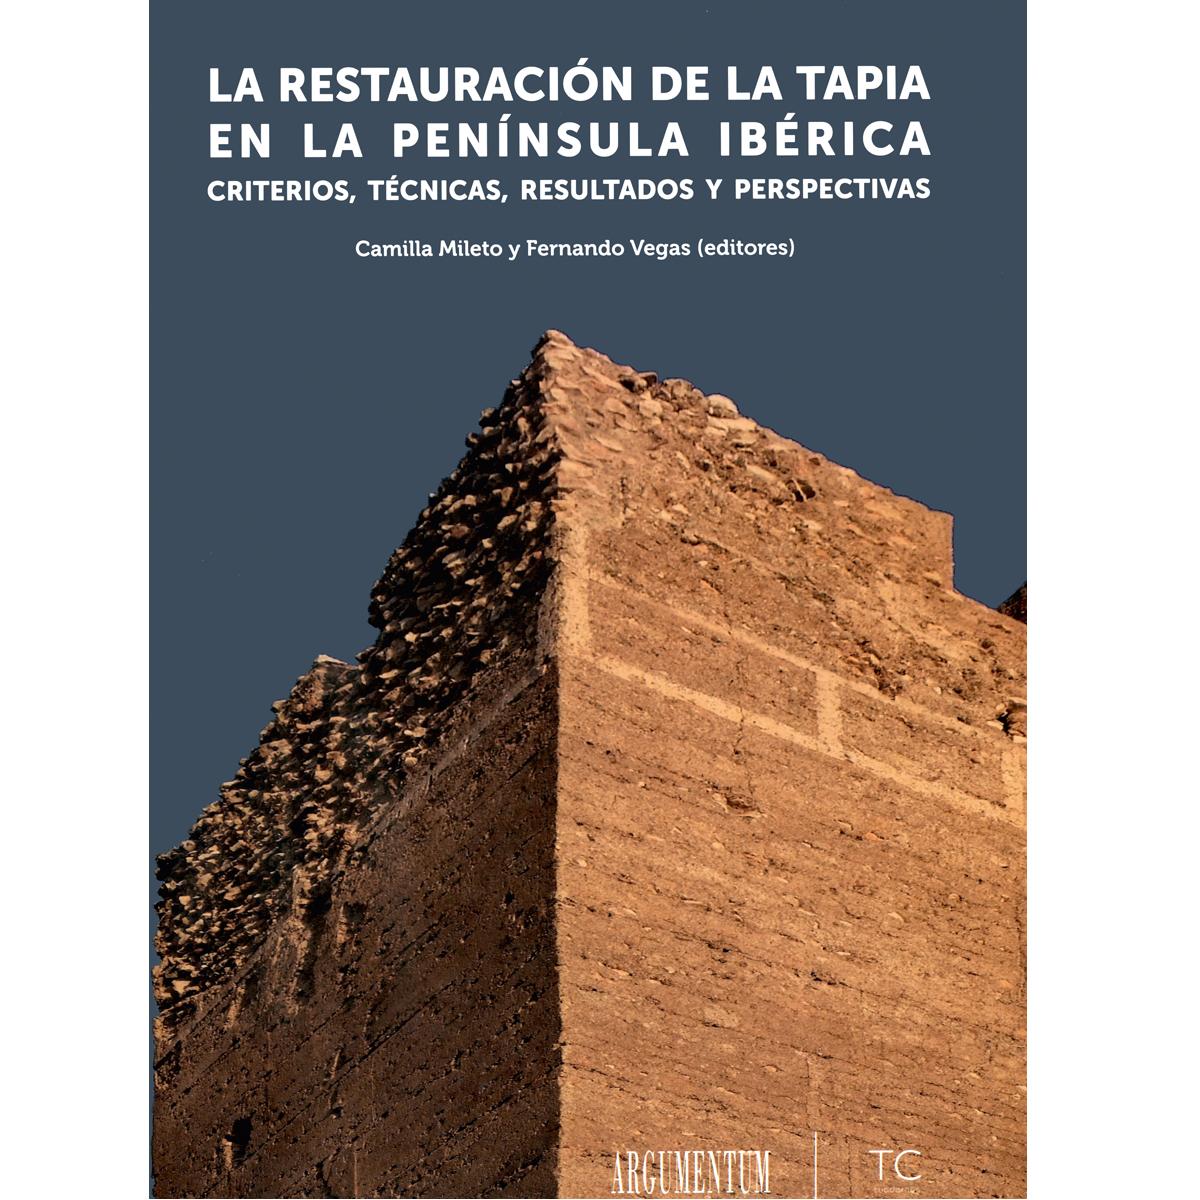 La restauración de la tapia en la península Ibérica